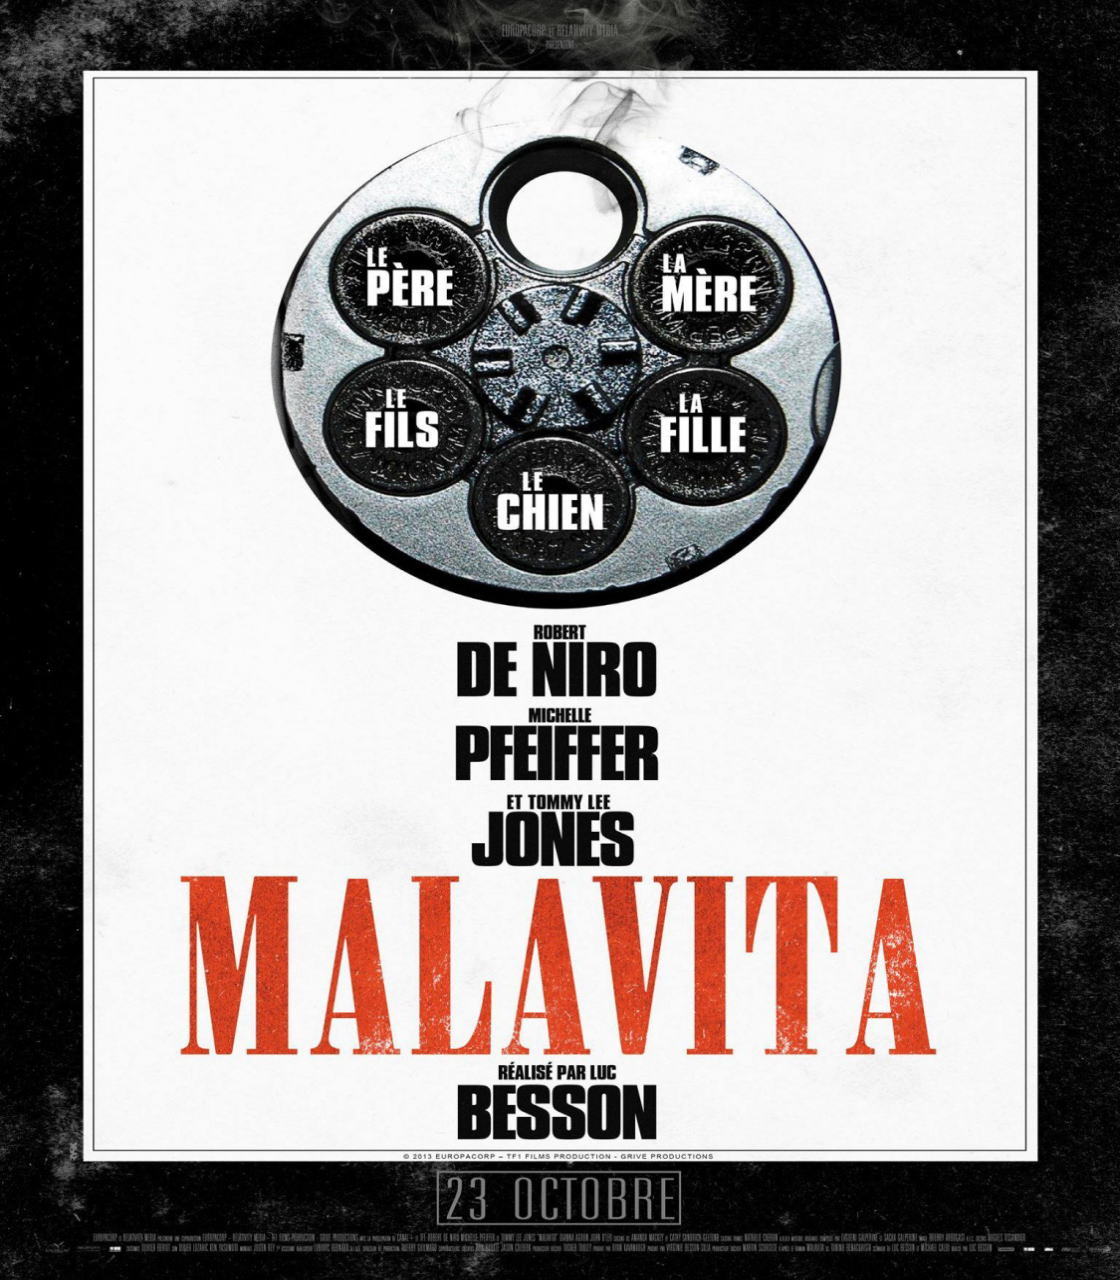 映画『マラヴィータ (2013) THE FAMILY (英題) / MALAVITA (仏題)』ポスター(4)▼ポスター画像クリックで拡大します。